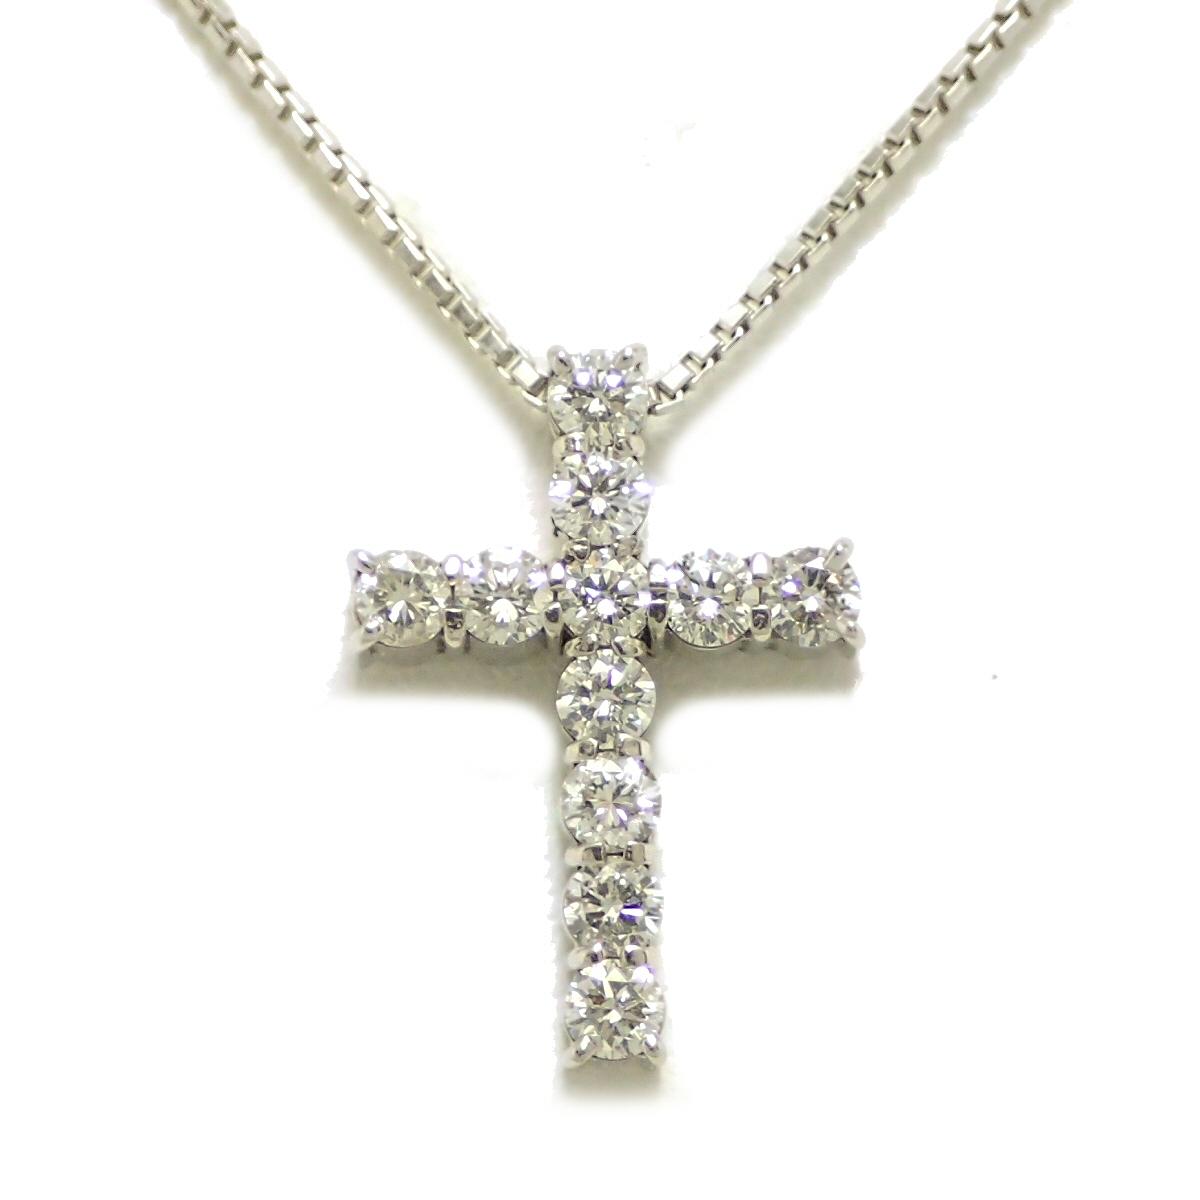 【ジュエリー】ダイヤ クロス ネックレス Pt900 Pt850 プラチナ ダイヤモンド0.86ct 【中古】